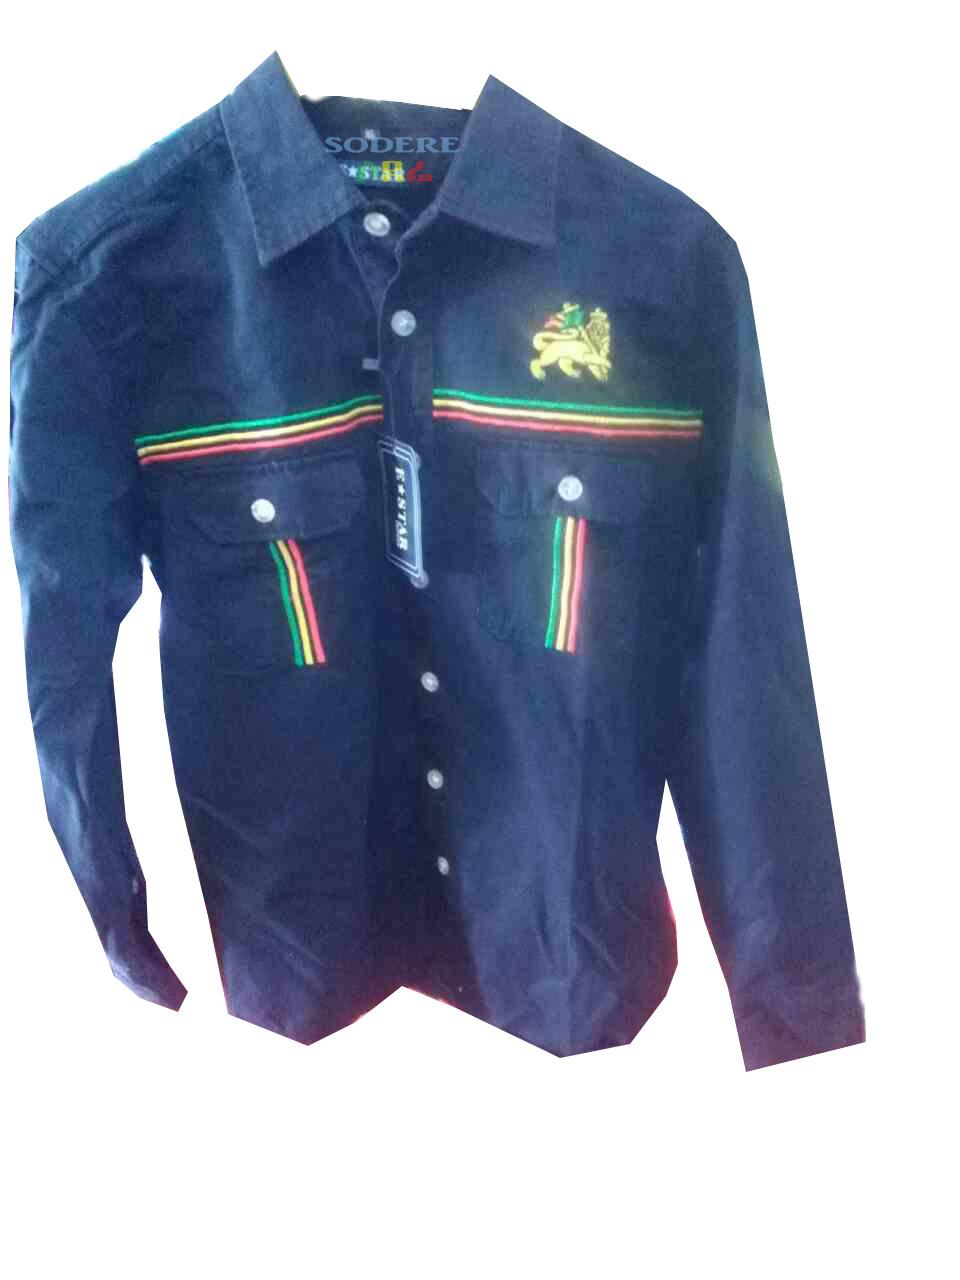 ሞአንበሳ ሸሚዝ The Line Of Judah Shirt